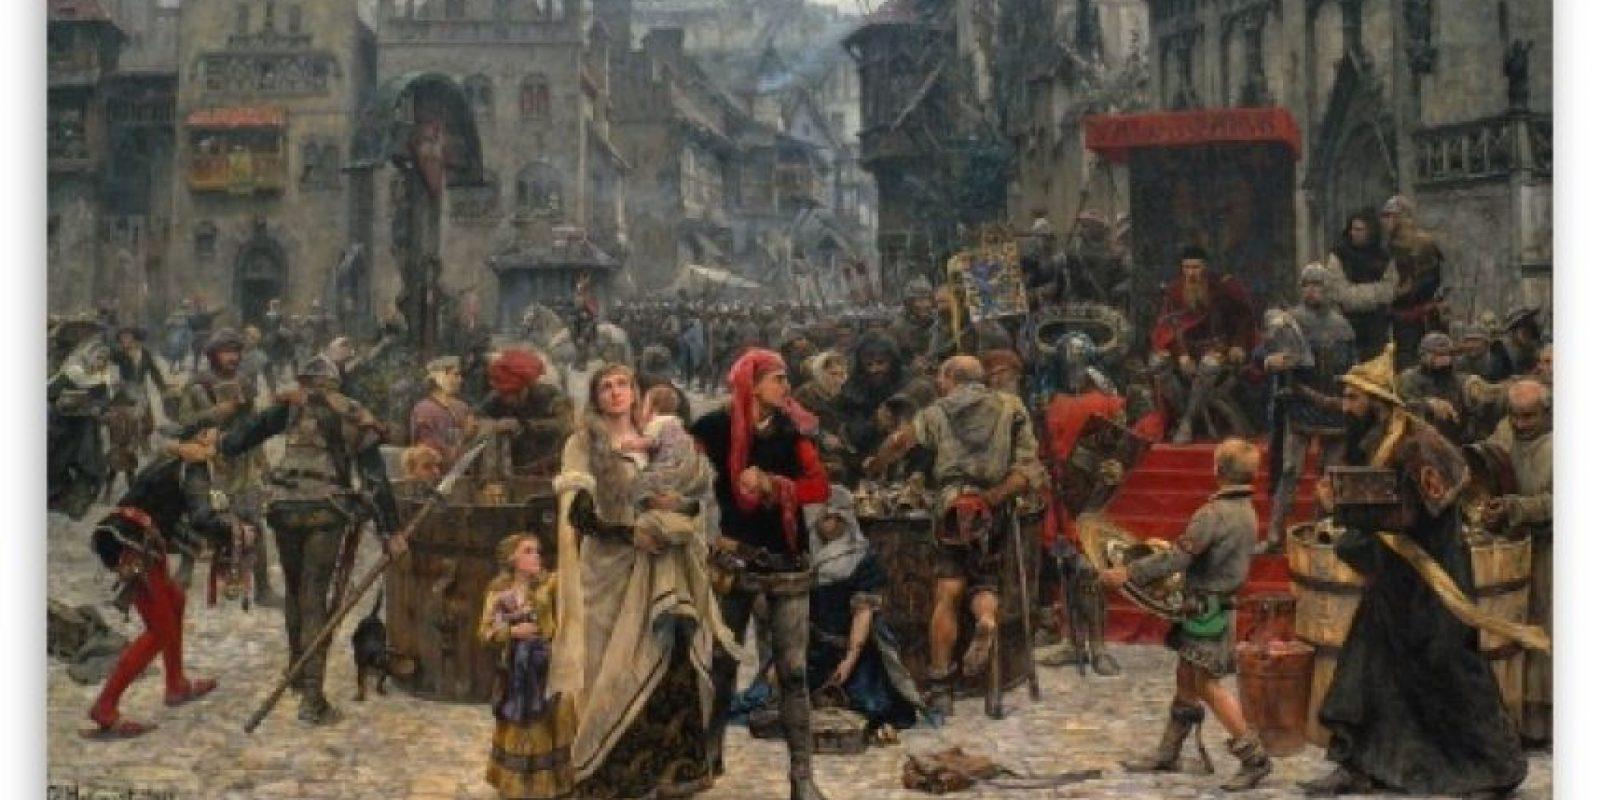 Para el primer milenio A.D, el papa Silvestre II afirmó que el 1 de enero del año 1000 el mundo se acabaría. Foto:vía Wikipedia